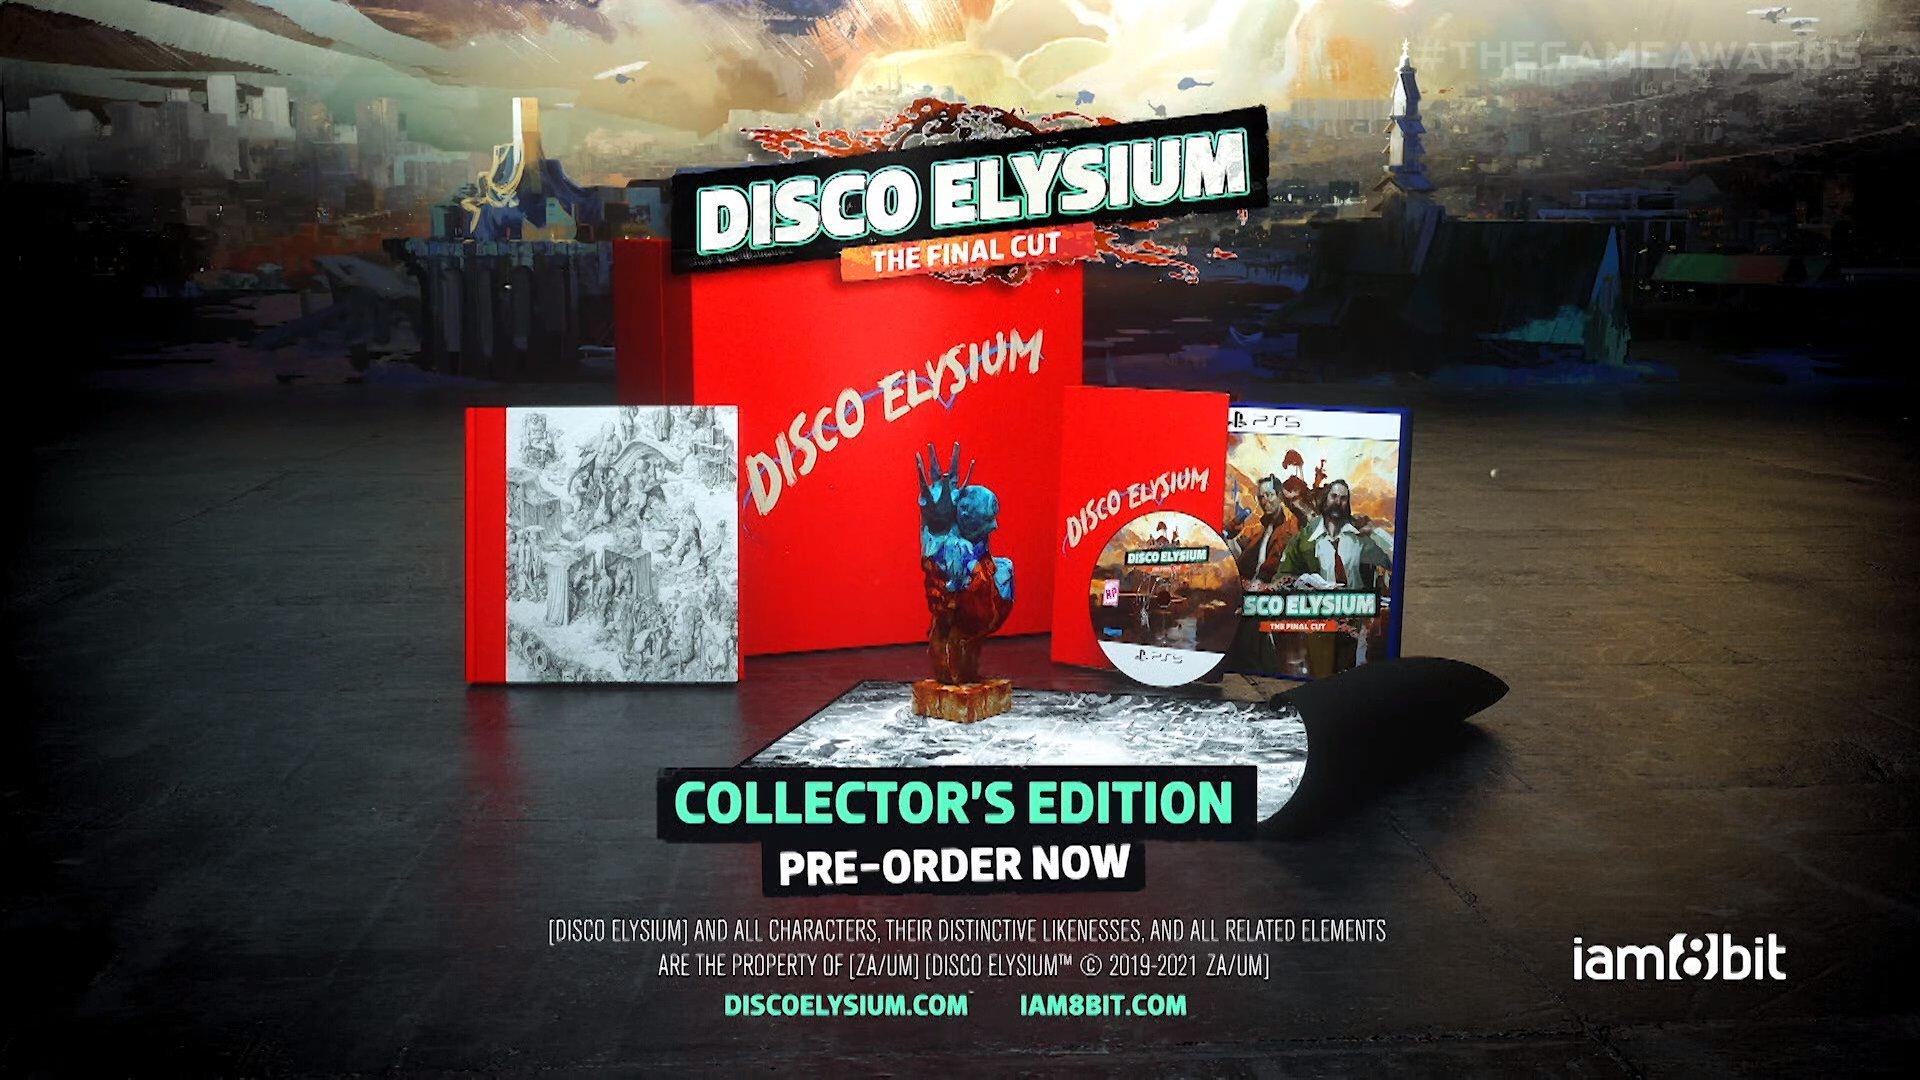 disco-elysium-the-final-cut.jpg